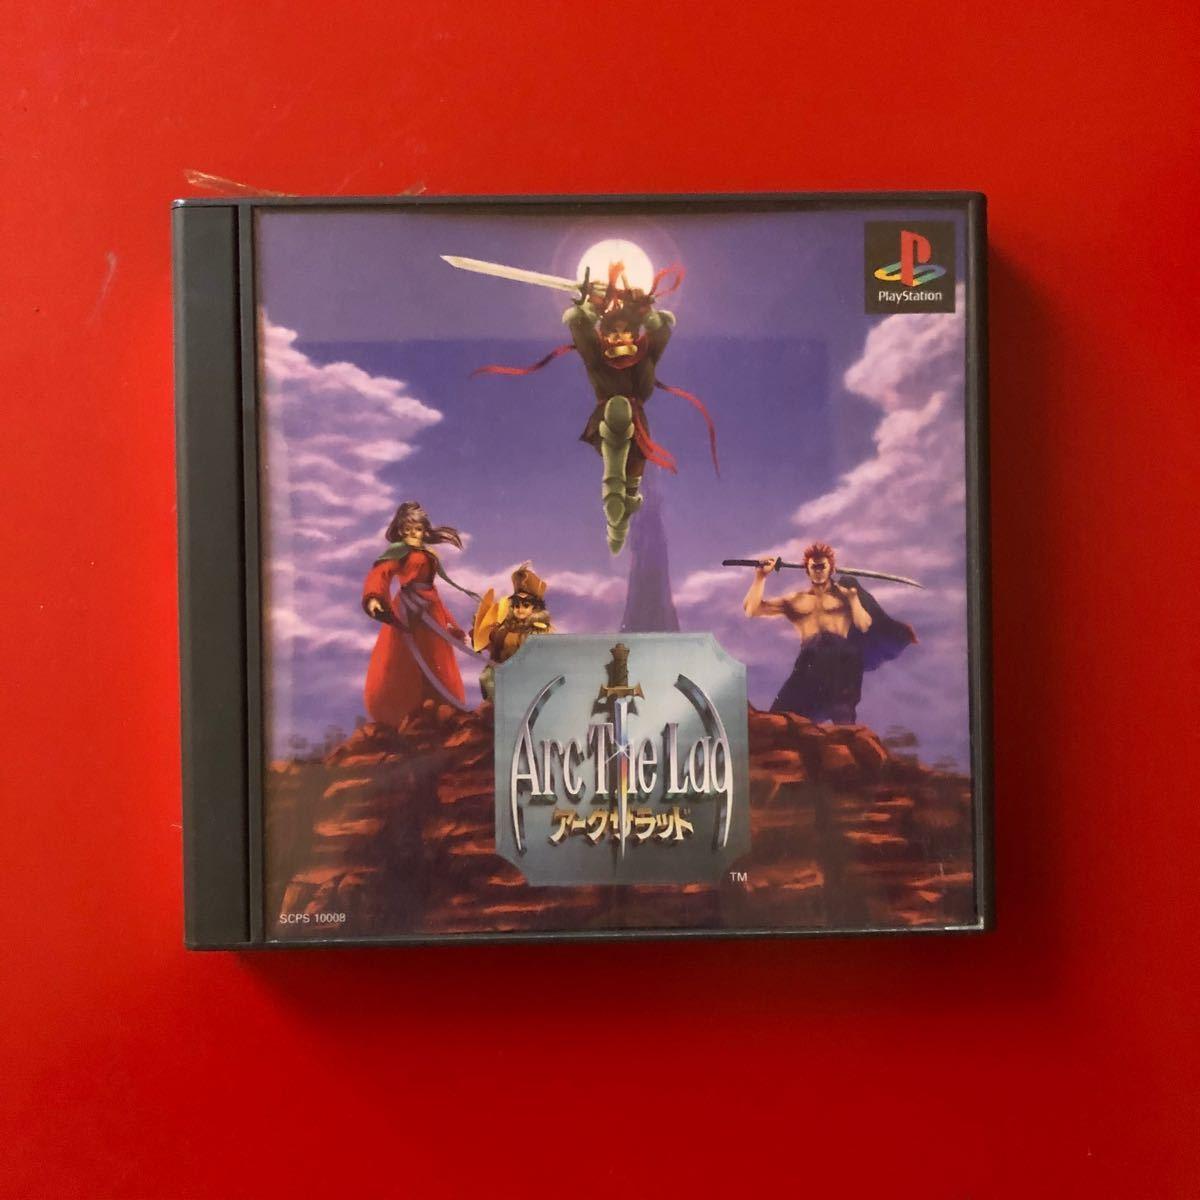 アークザラッド Ark the Lad プレイステーション PS ロールプレイング ゲーム